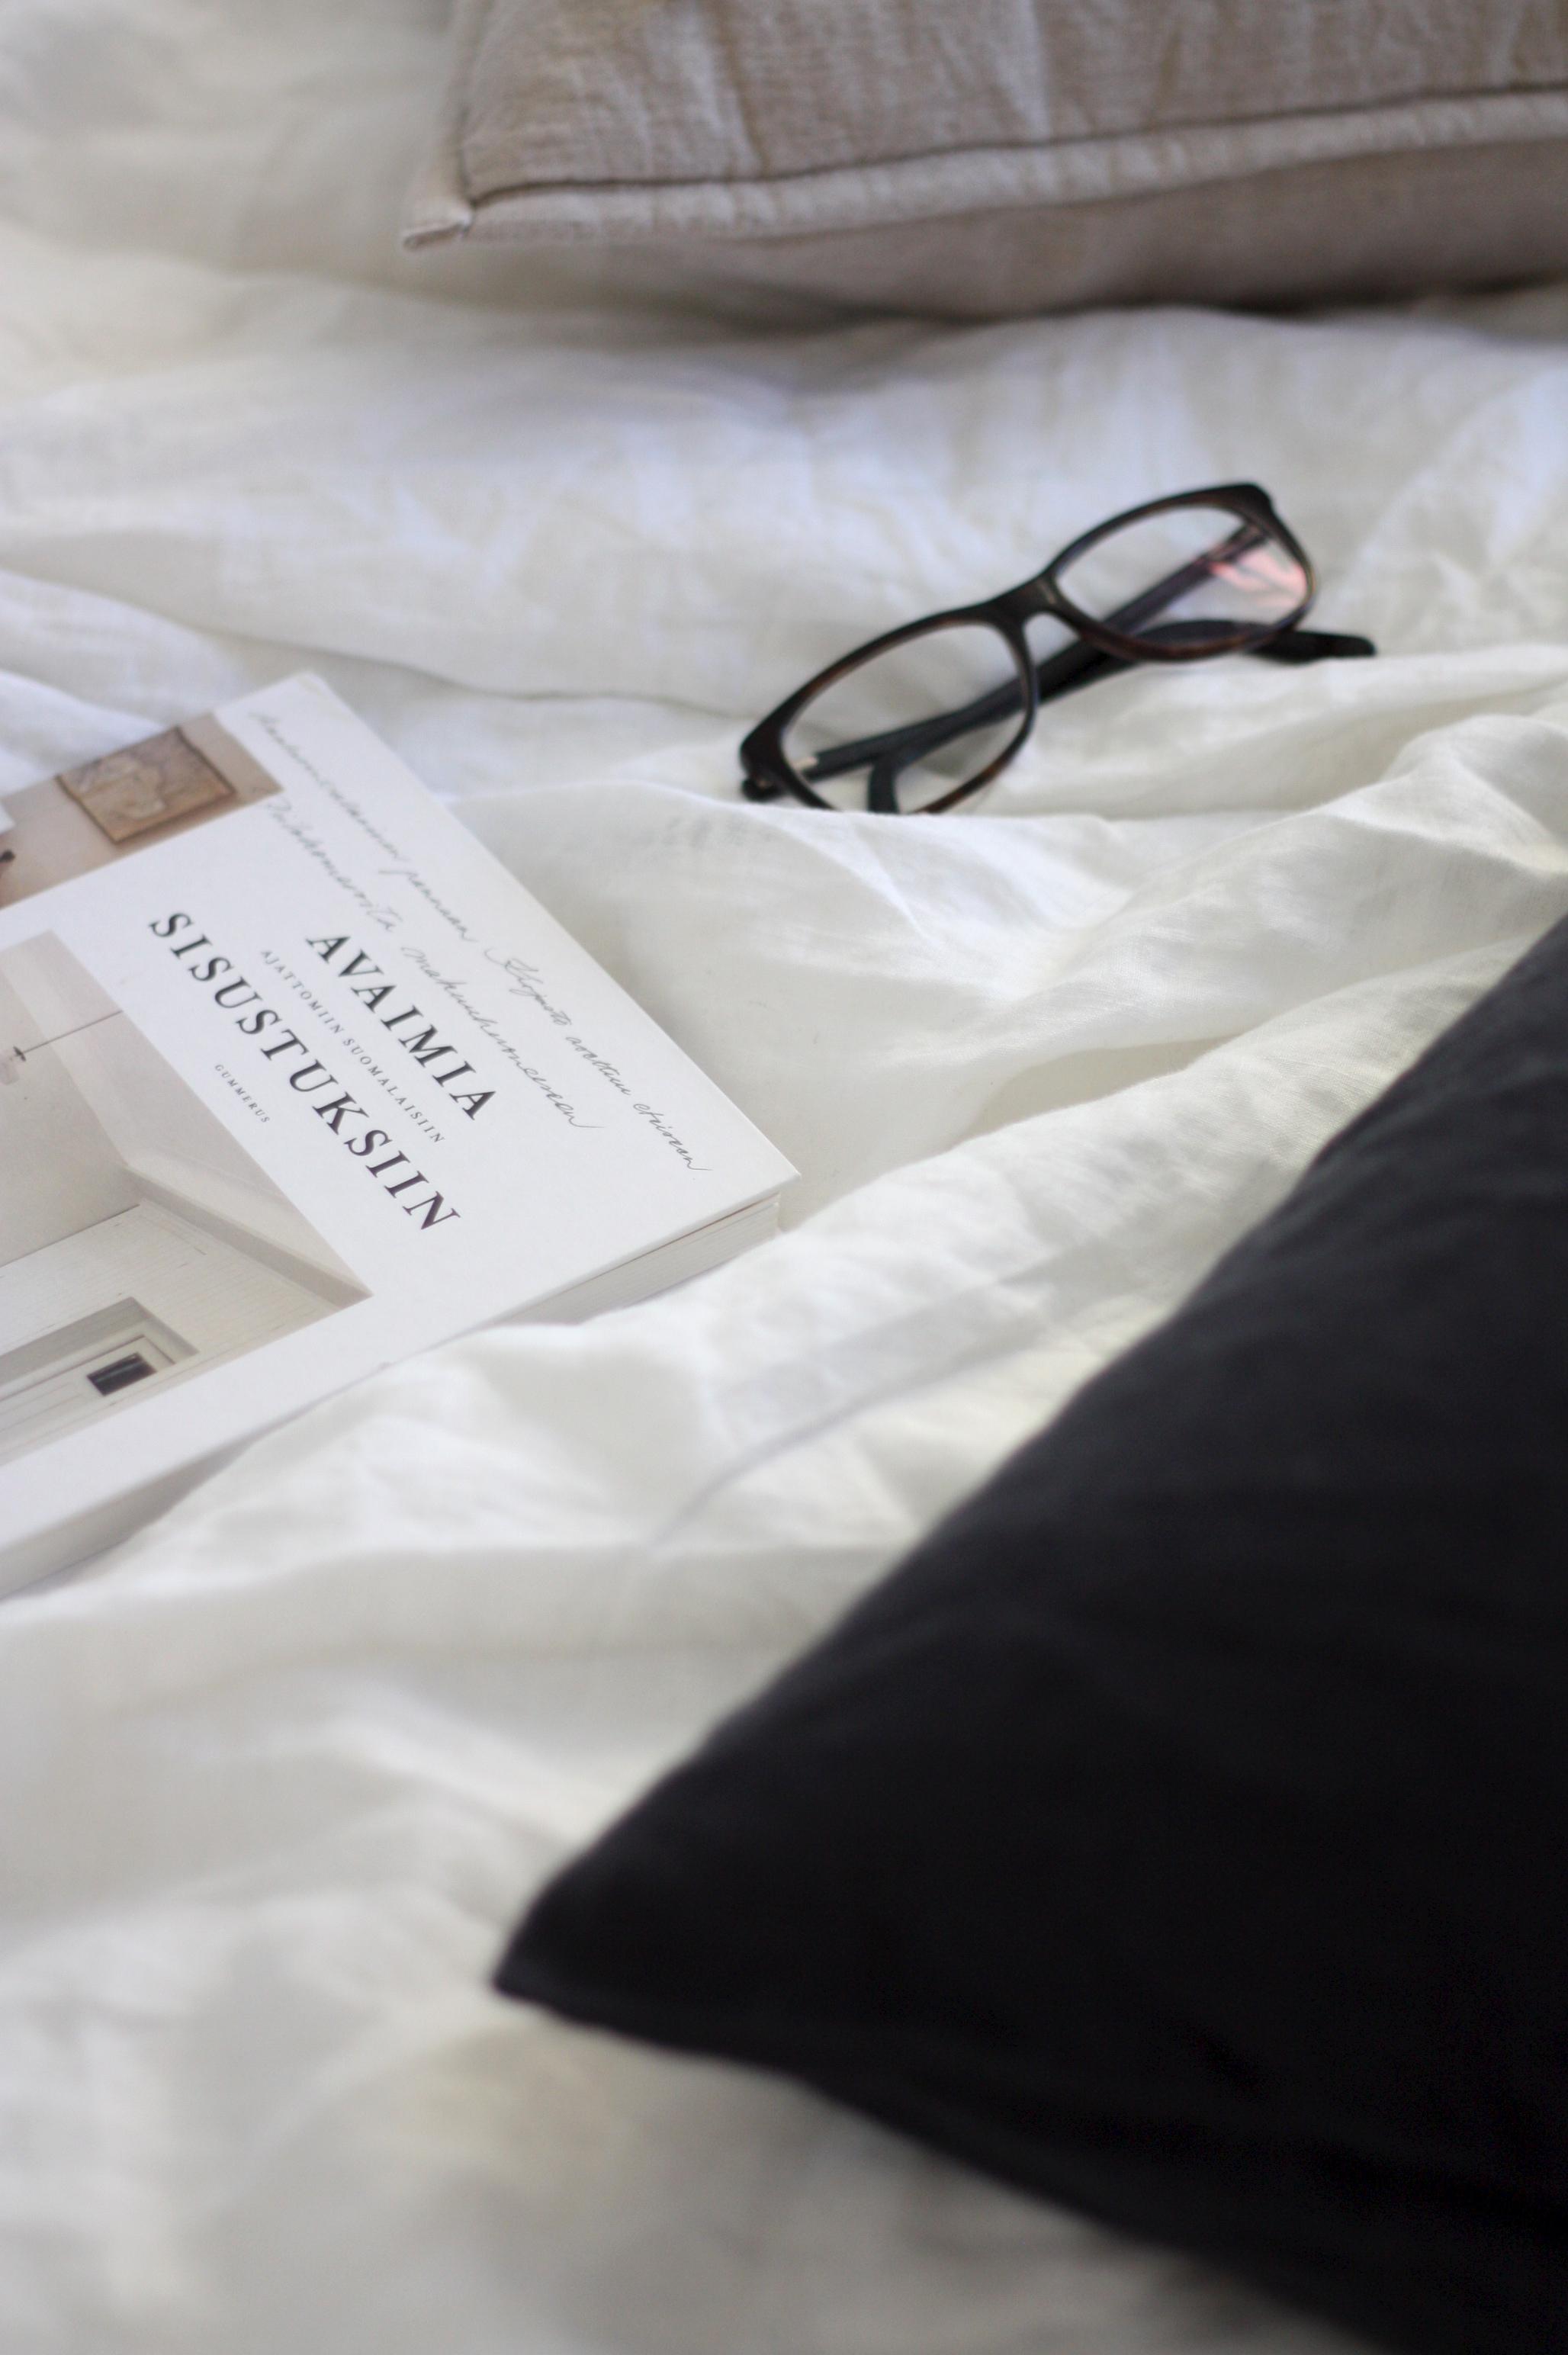 Pehmeitä unia ja ajattomia sisustustotuuksia